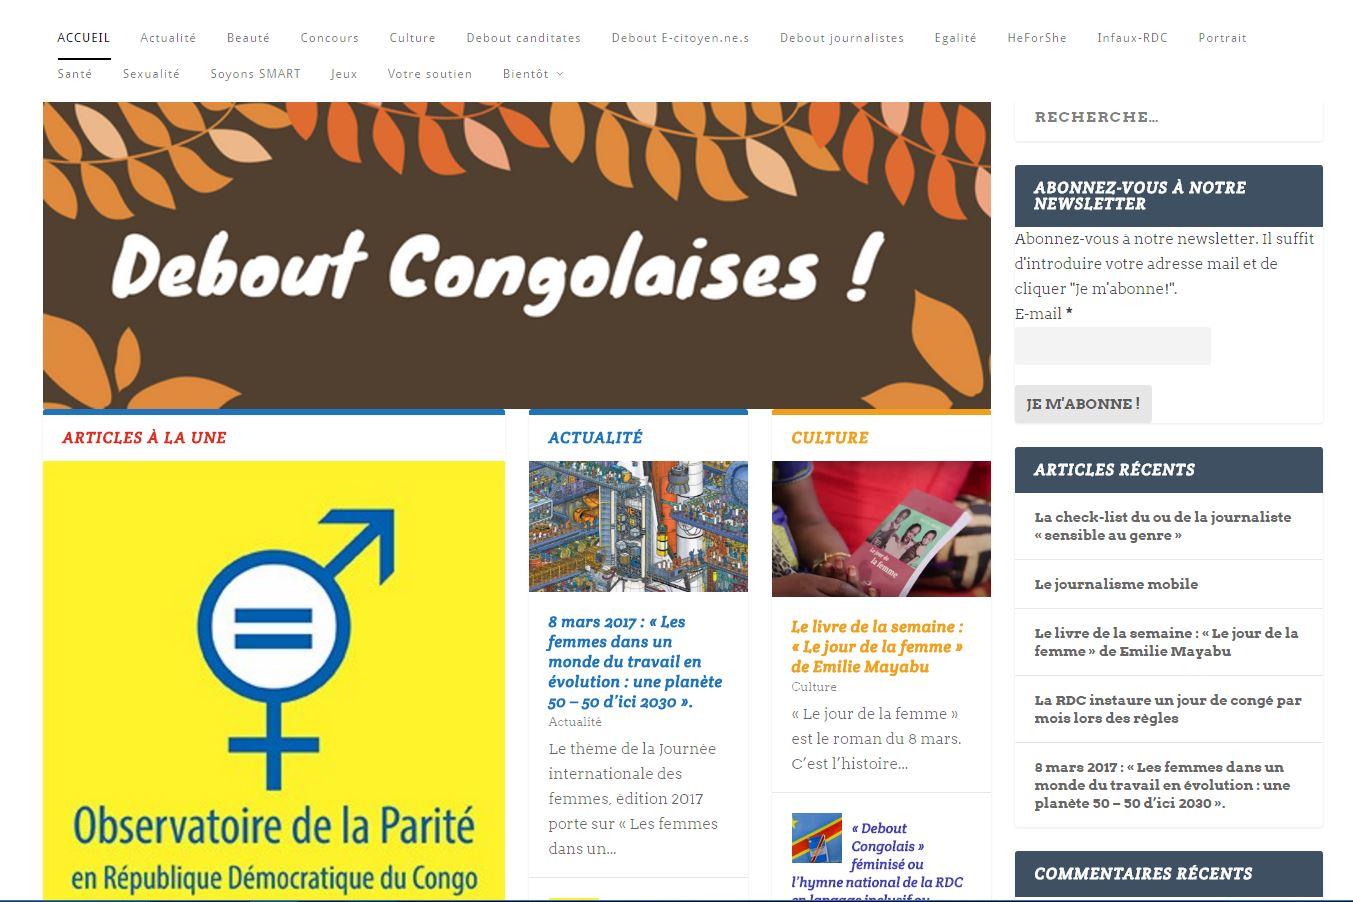 Debout Congolaises! web magazine